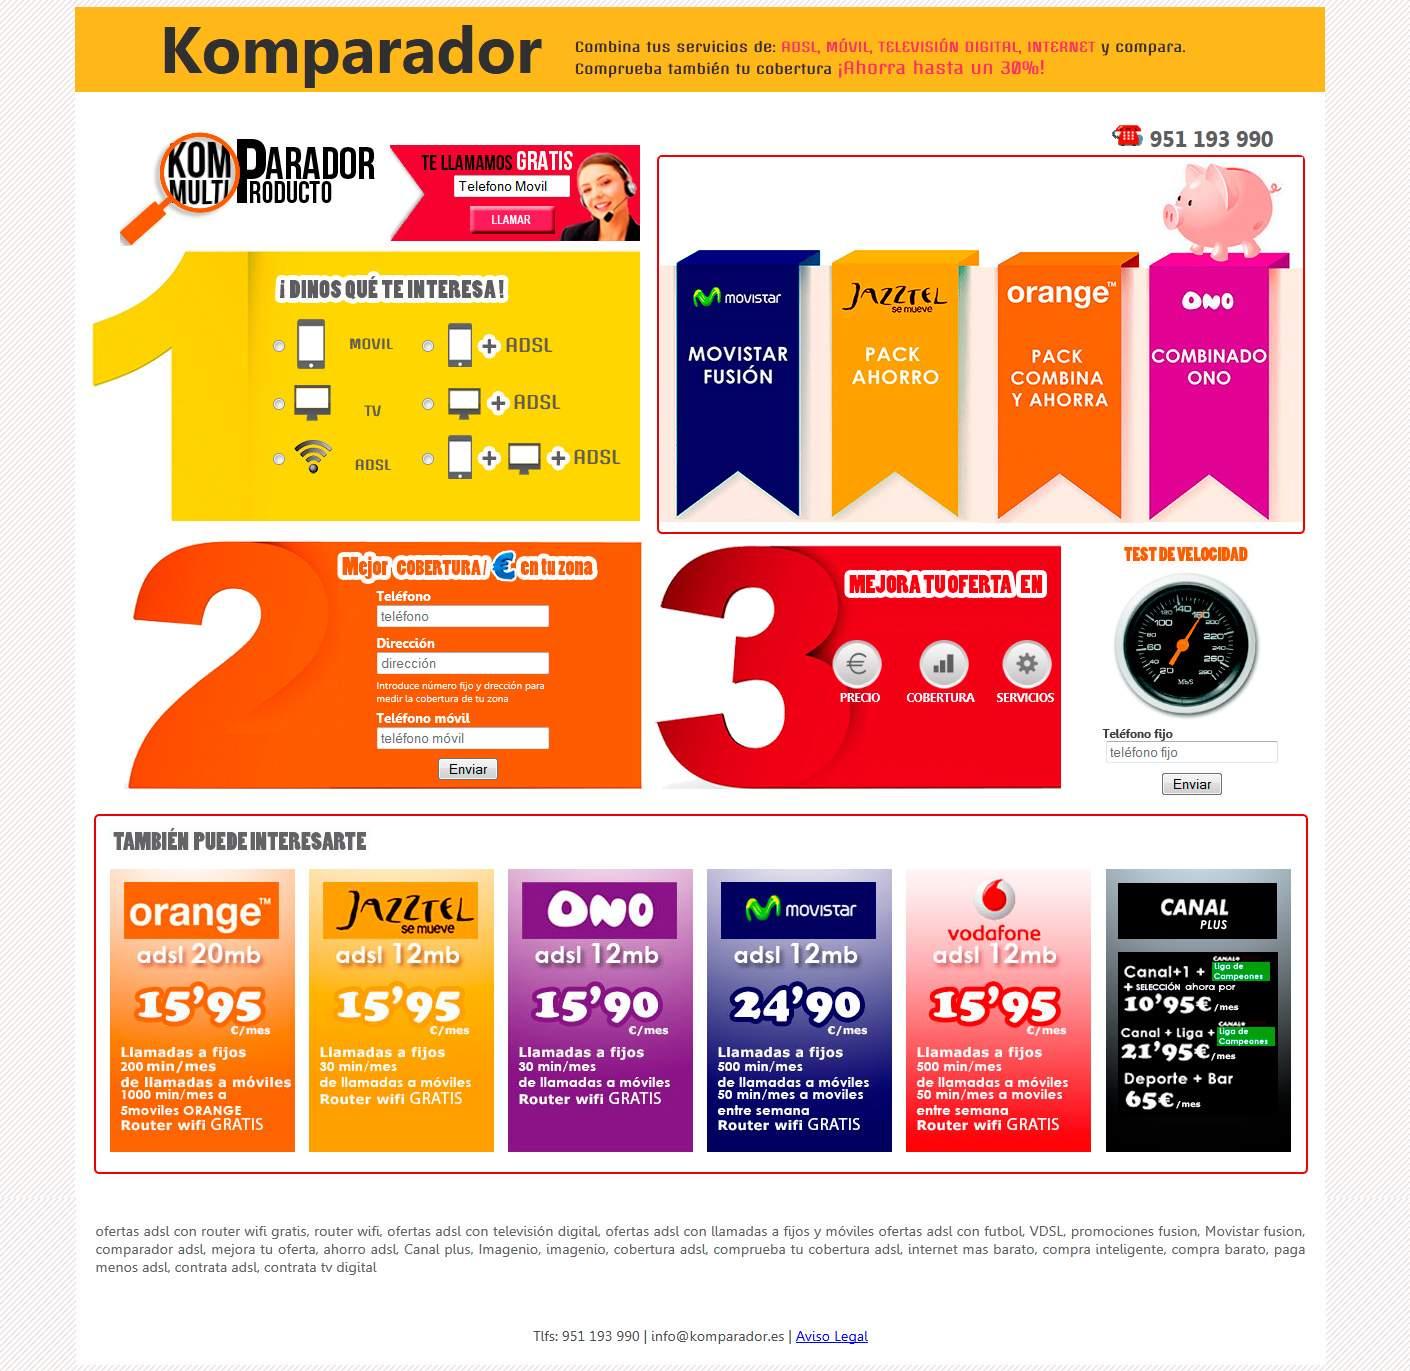 Komparador Telecomunicaciones